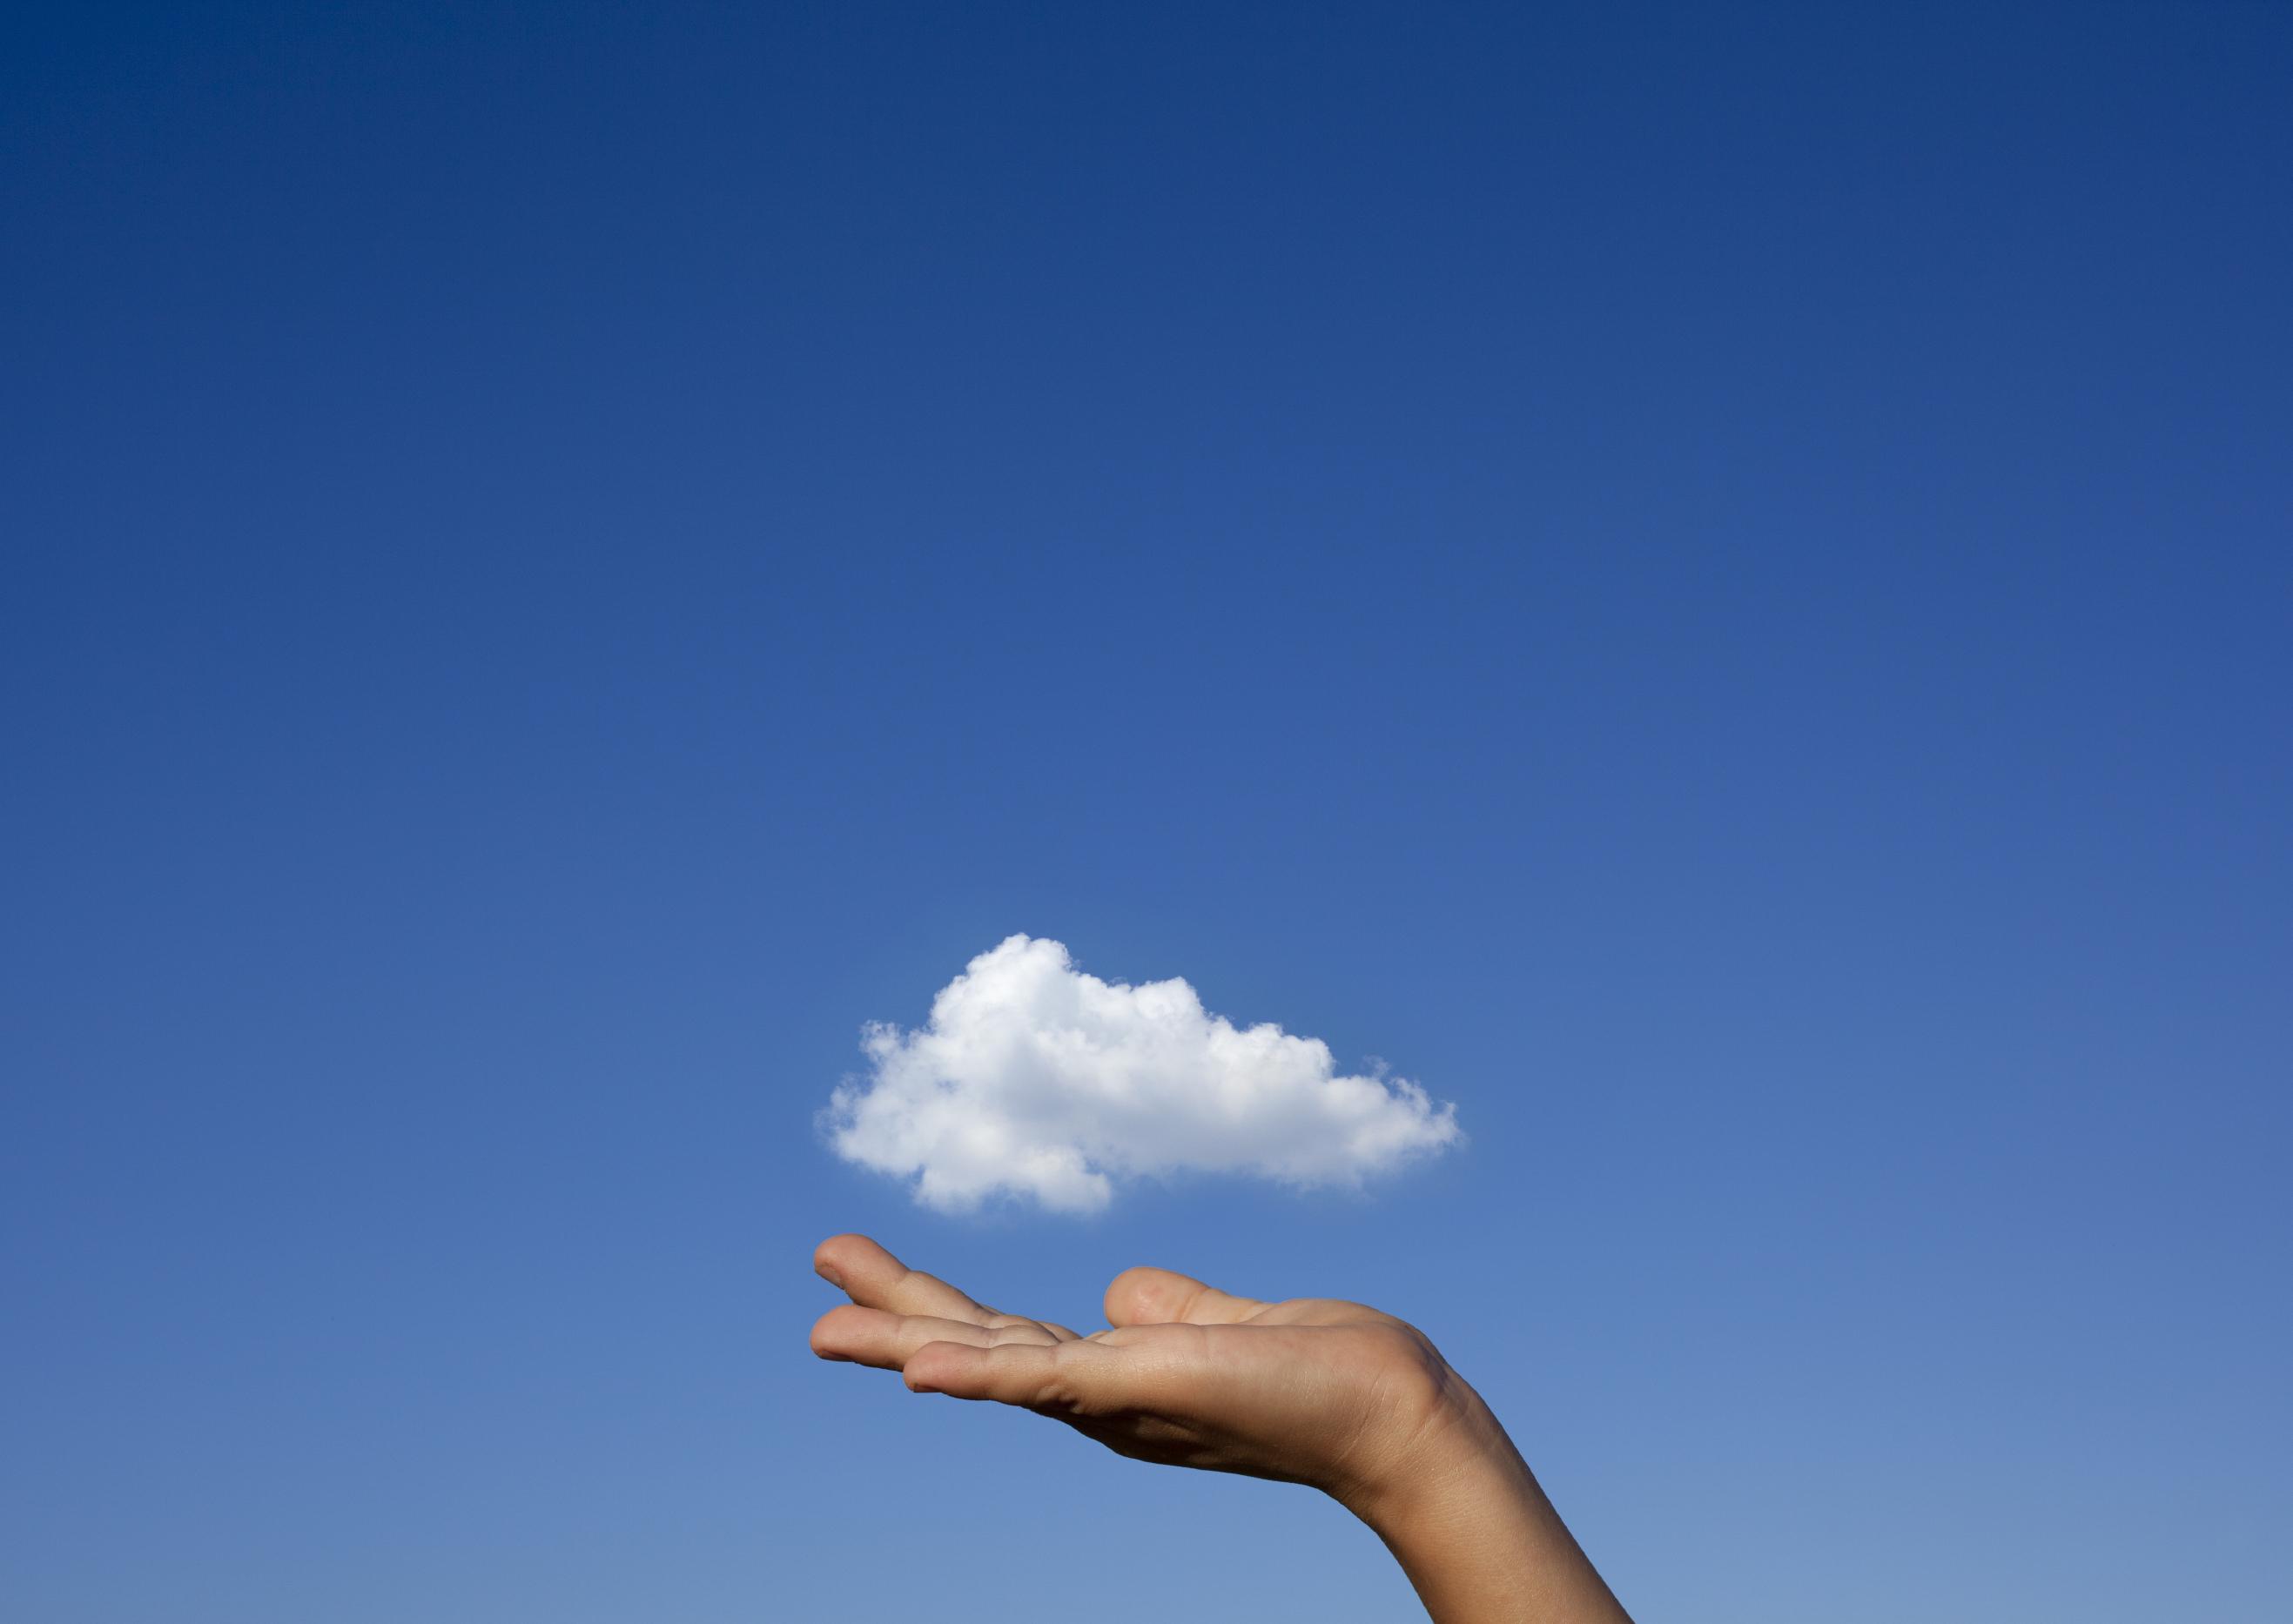 красивые картинки рук на фоне неба маленькая неровность или